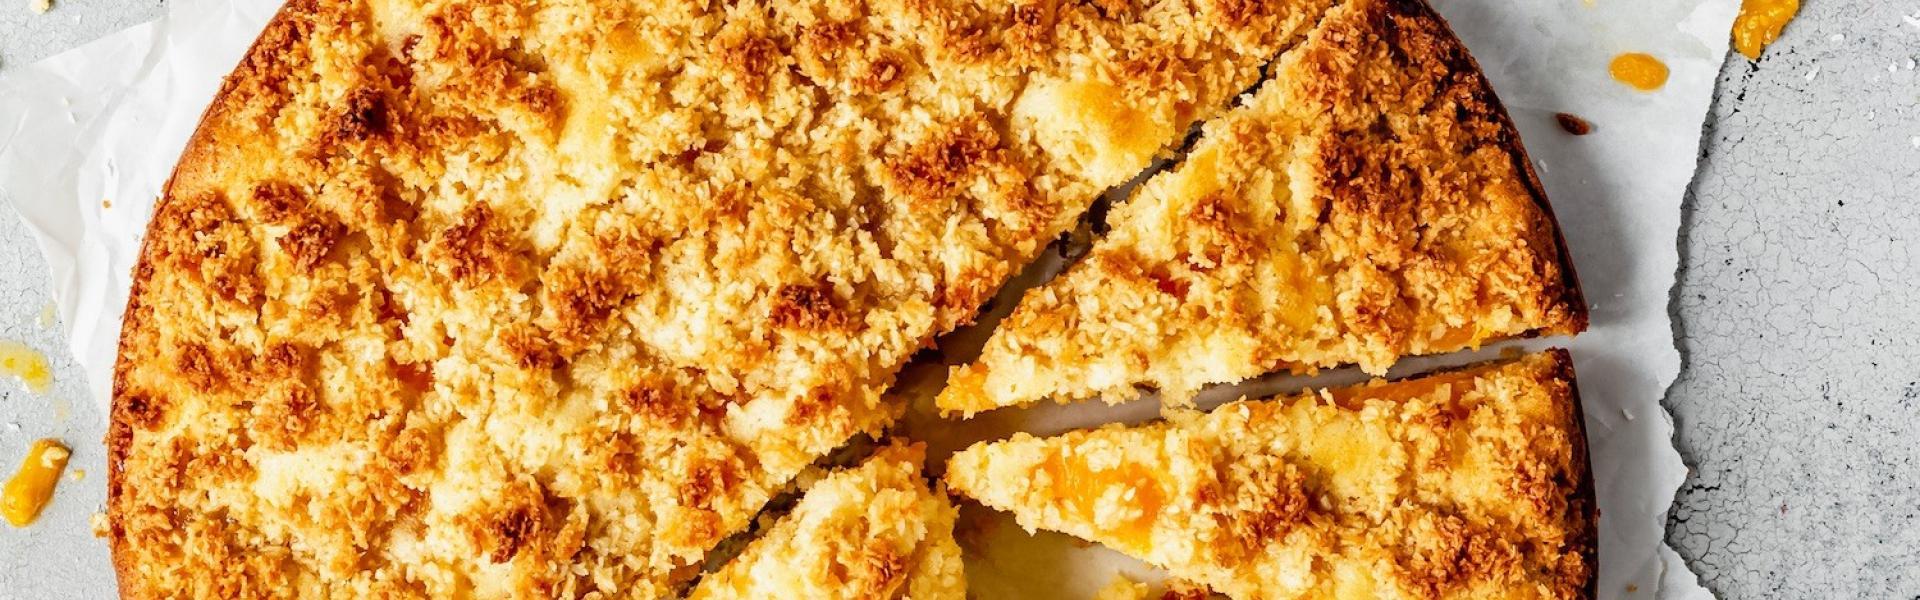 Kokos-Mandarinen-Kuchen halb in Stücke geschnitten auf etwa Papier.